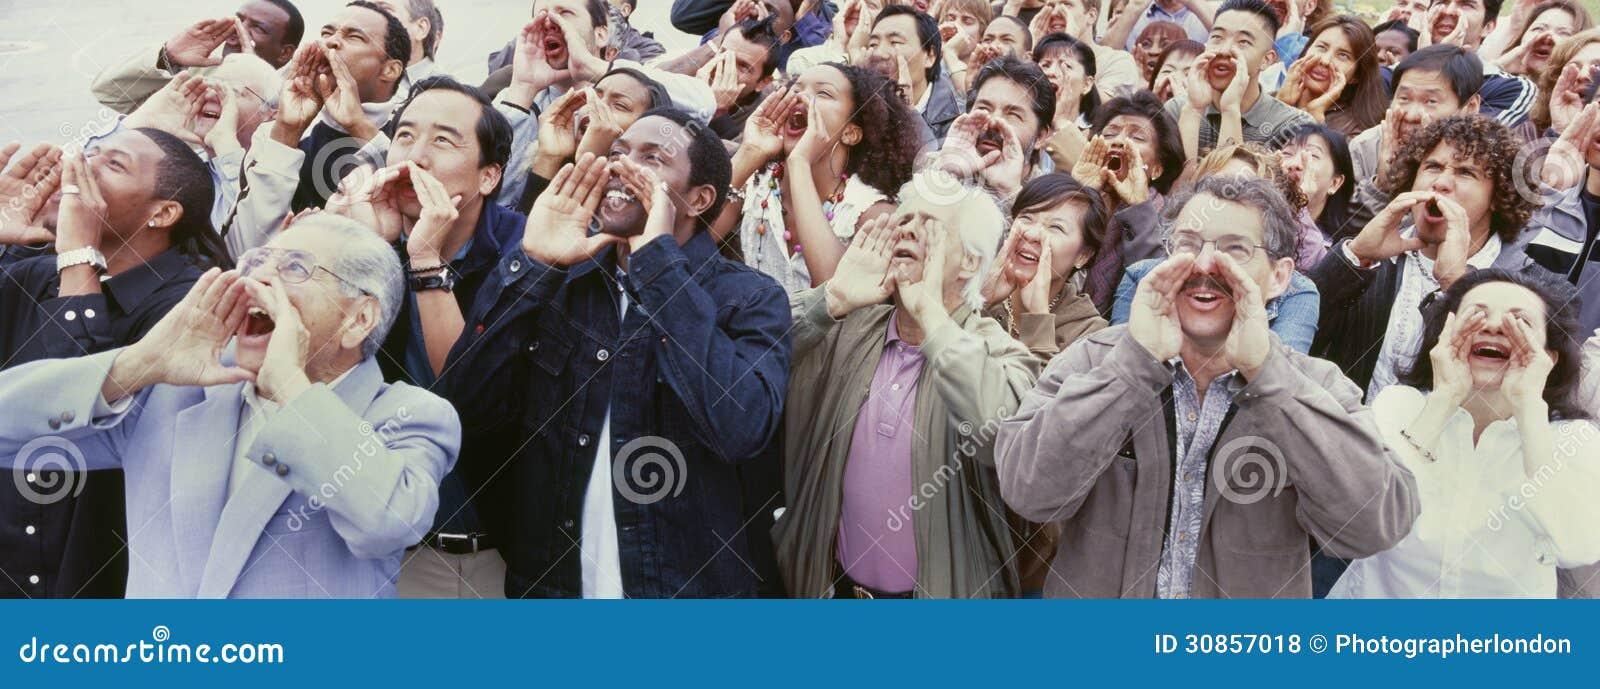 Panoramisch schot van menigte die met handen op gezicht schreeuwen